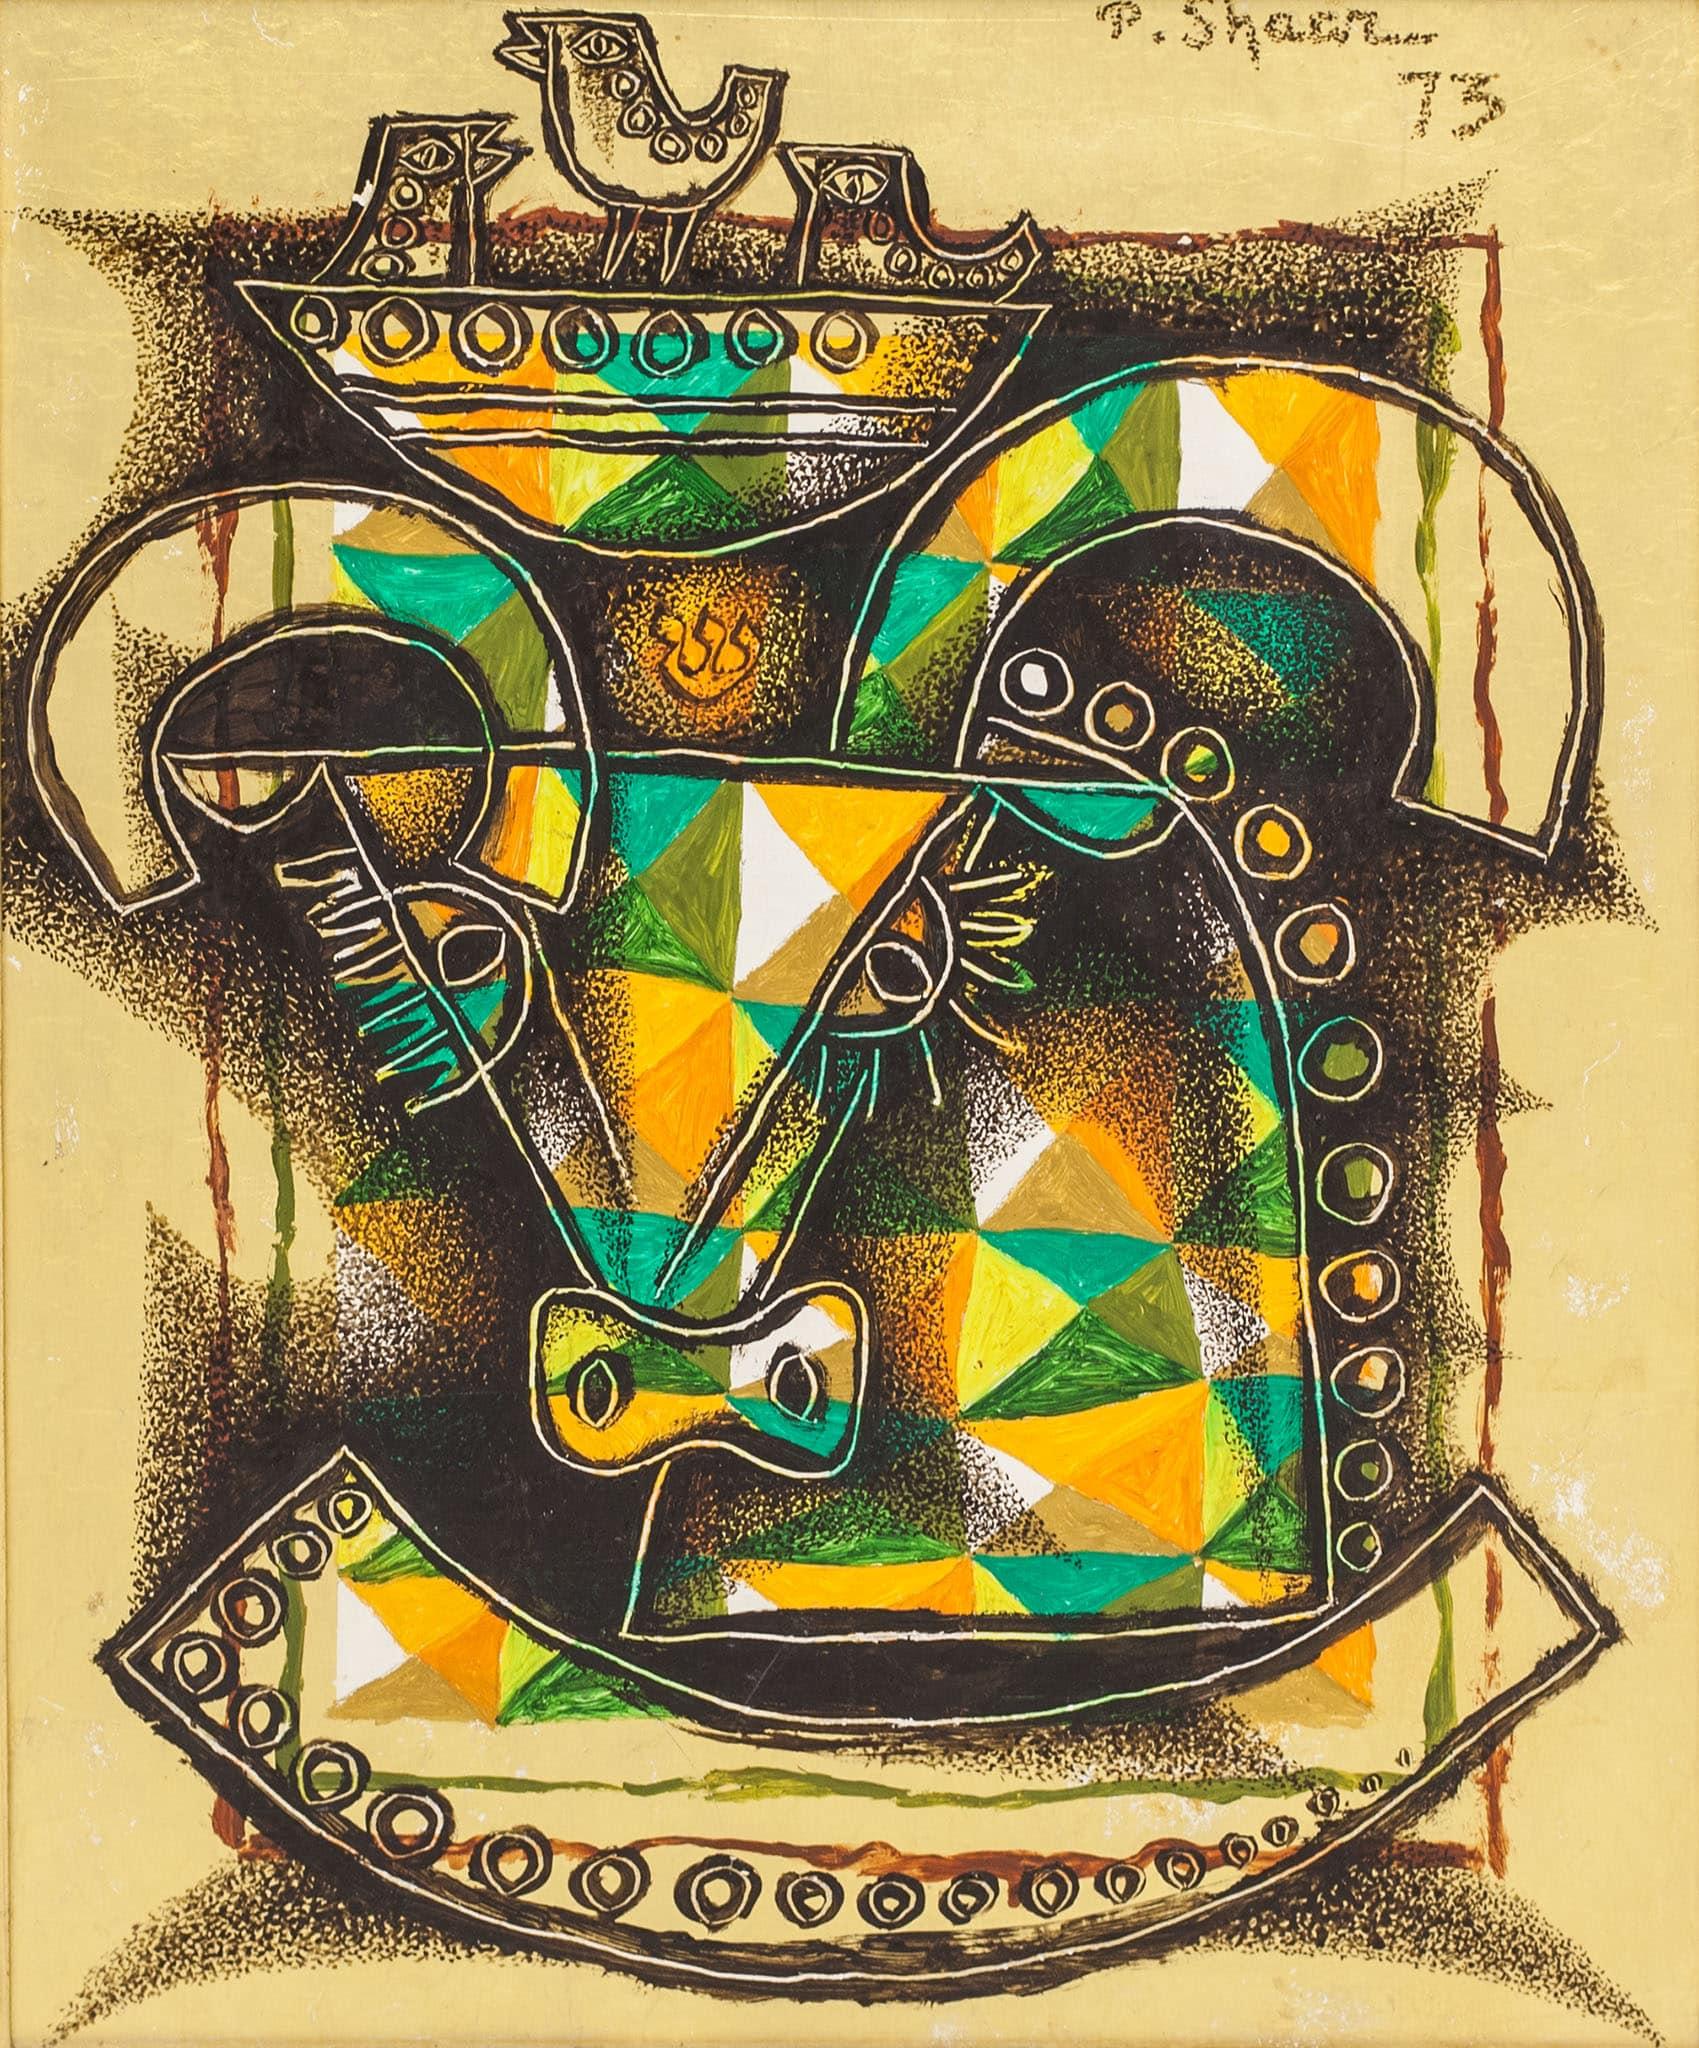 """פנחס שער, 1973, מדיה מעורבת על נייר מוצמד לבד, 39x47 ס""""מ"""